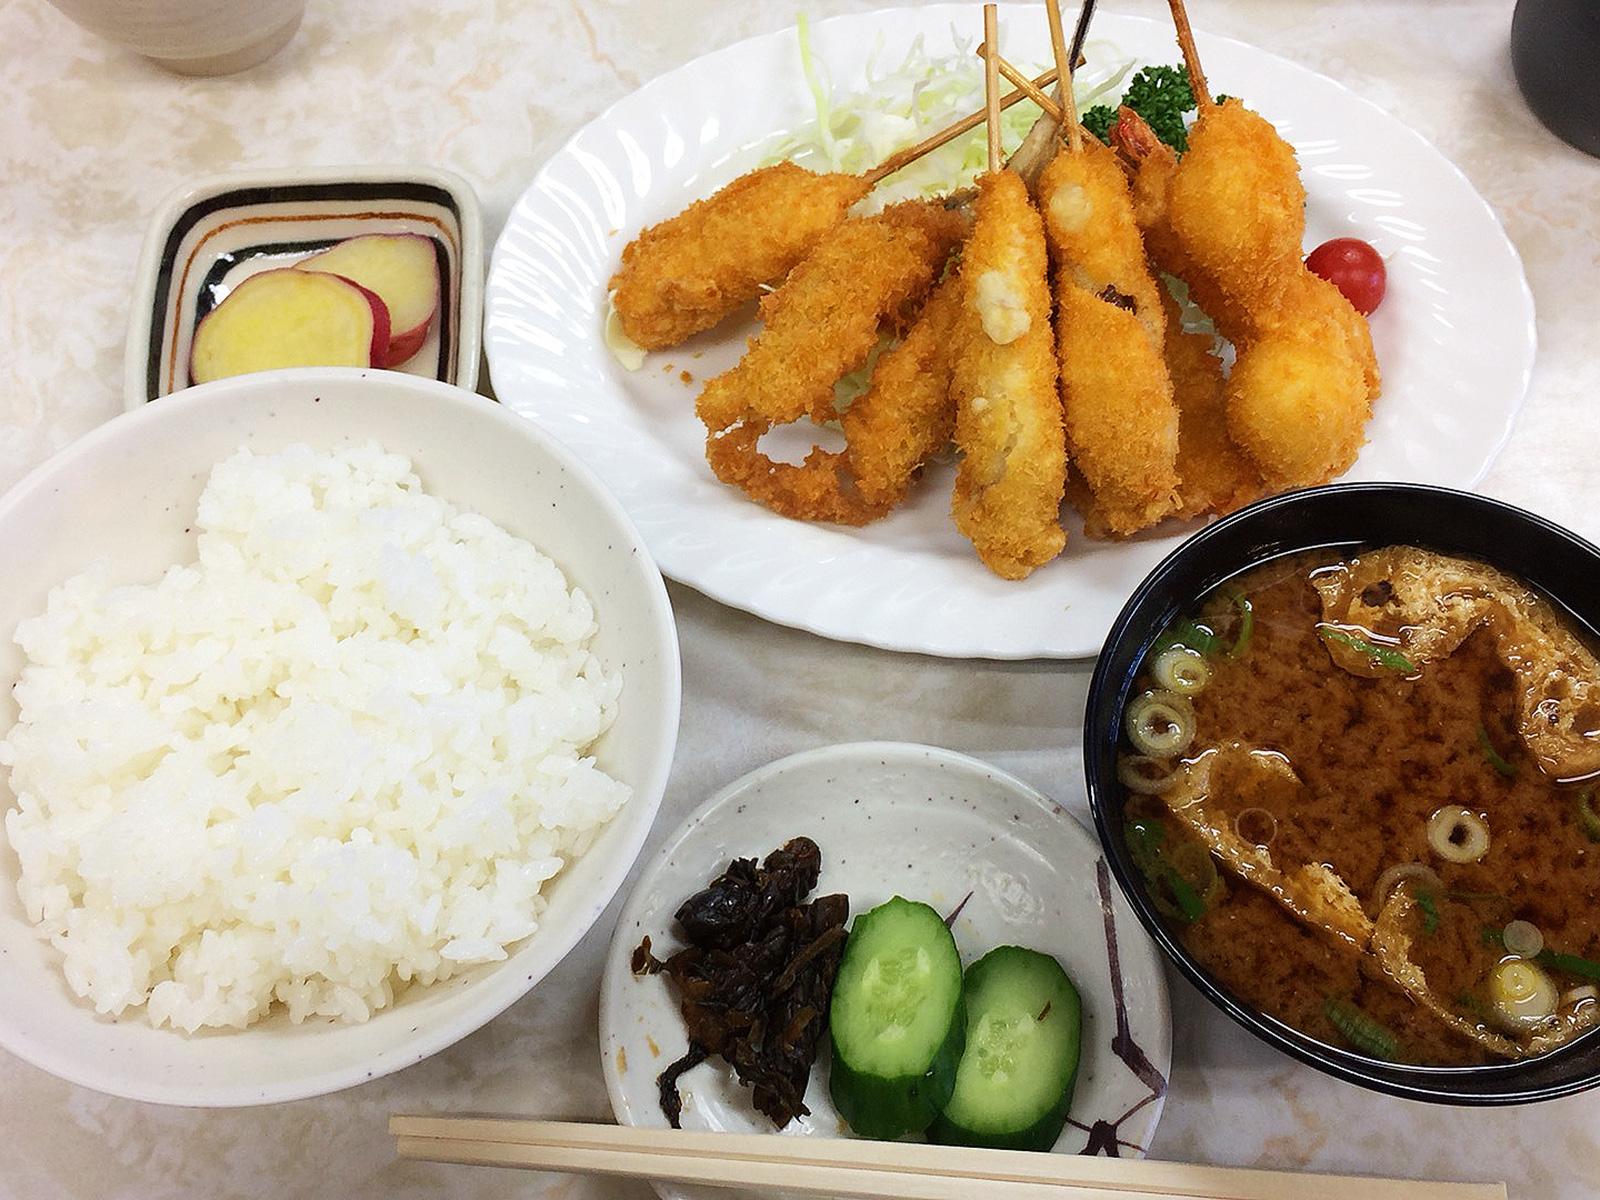 「菊井かつ 黒川支店」の魚フライ定食 @黒川